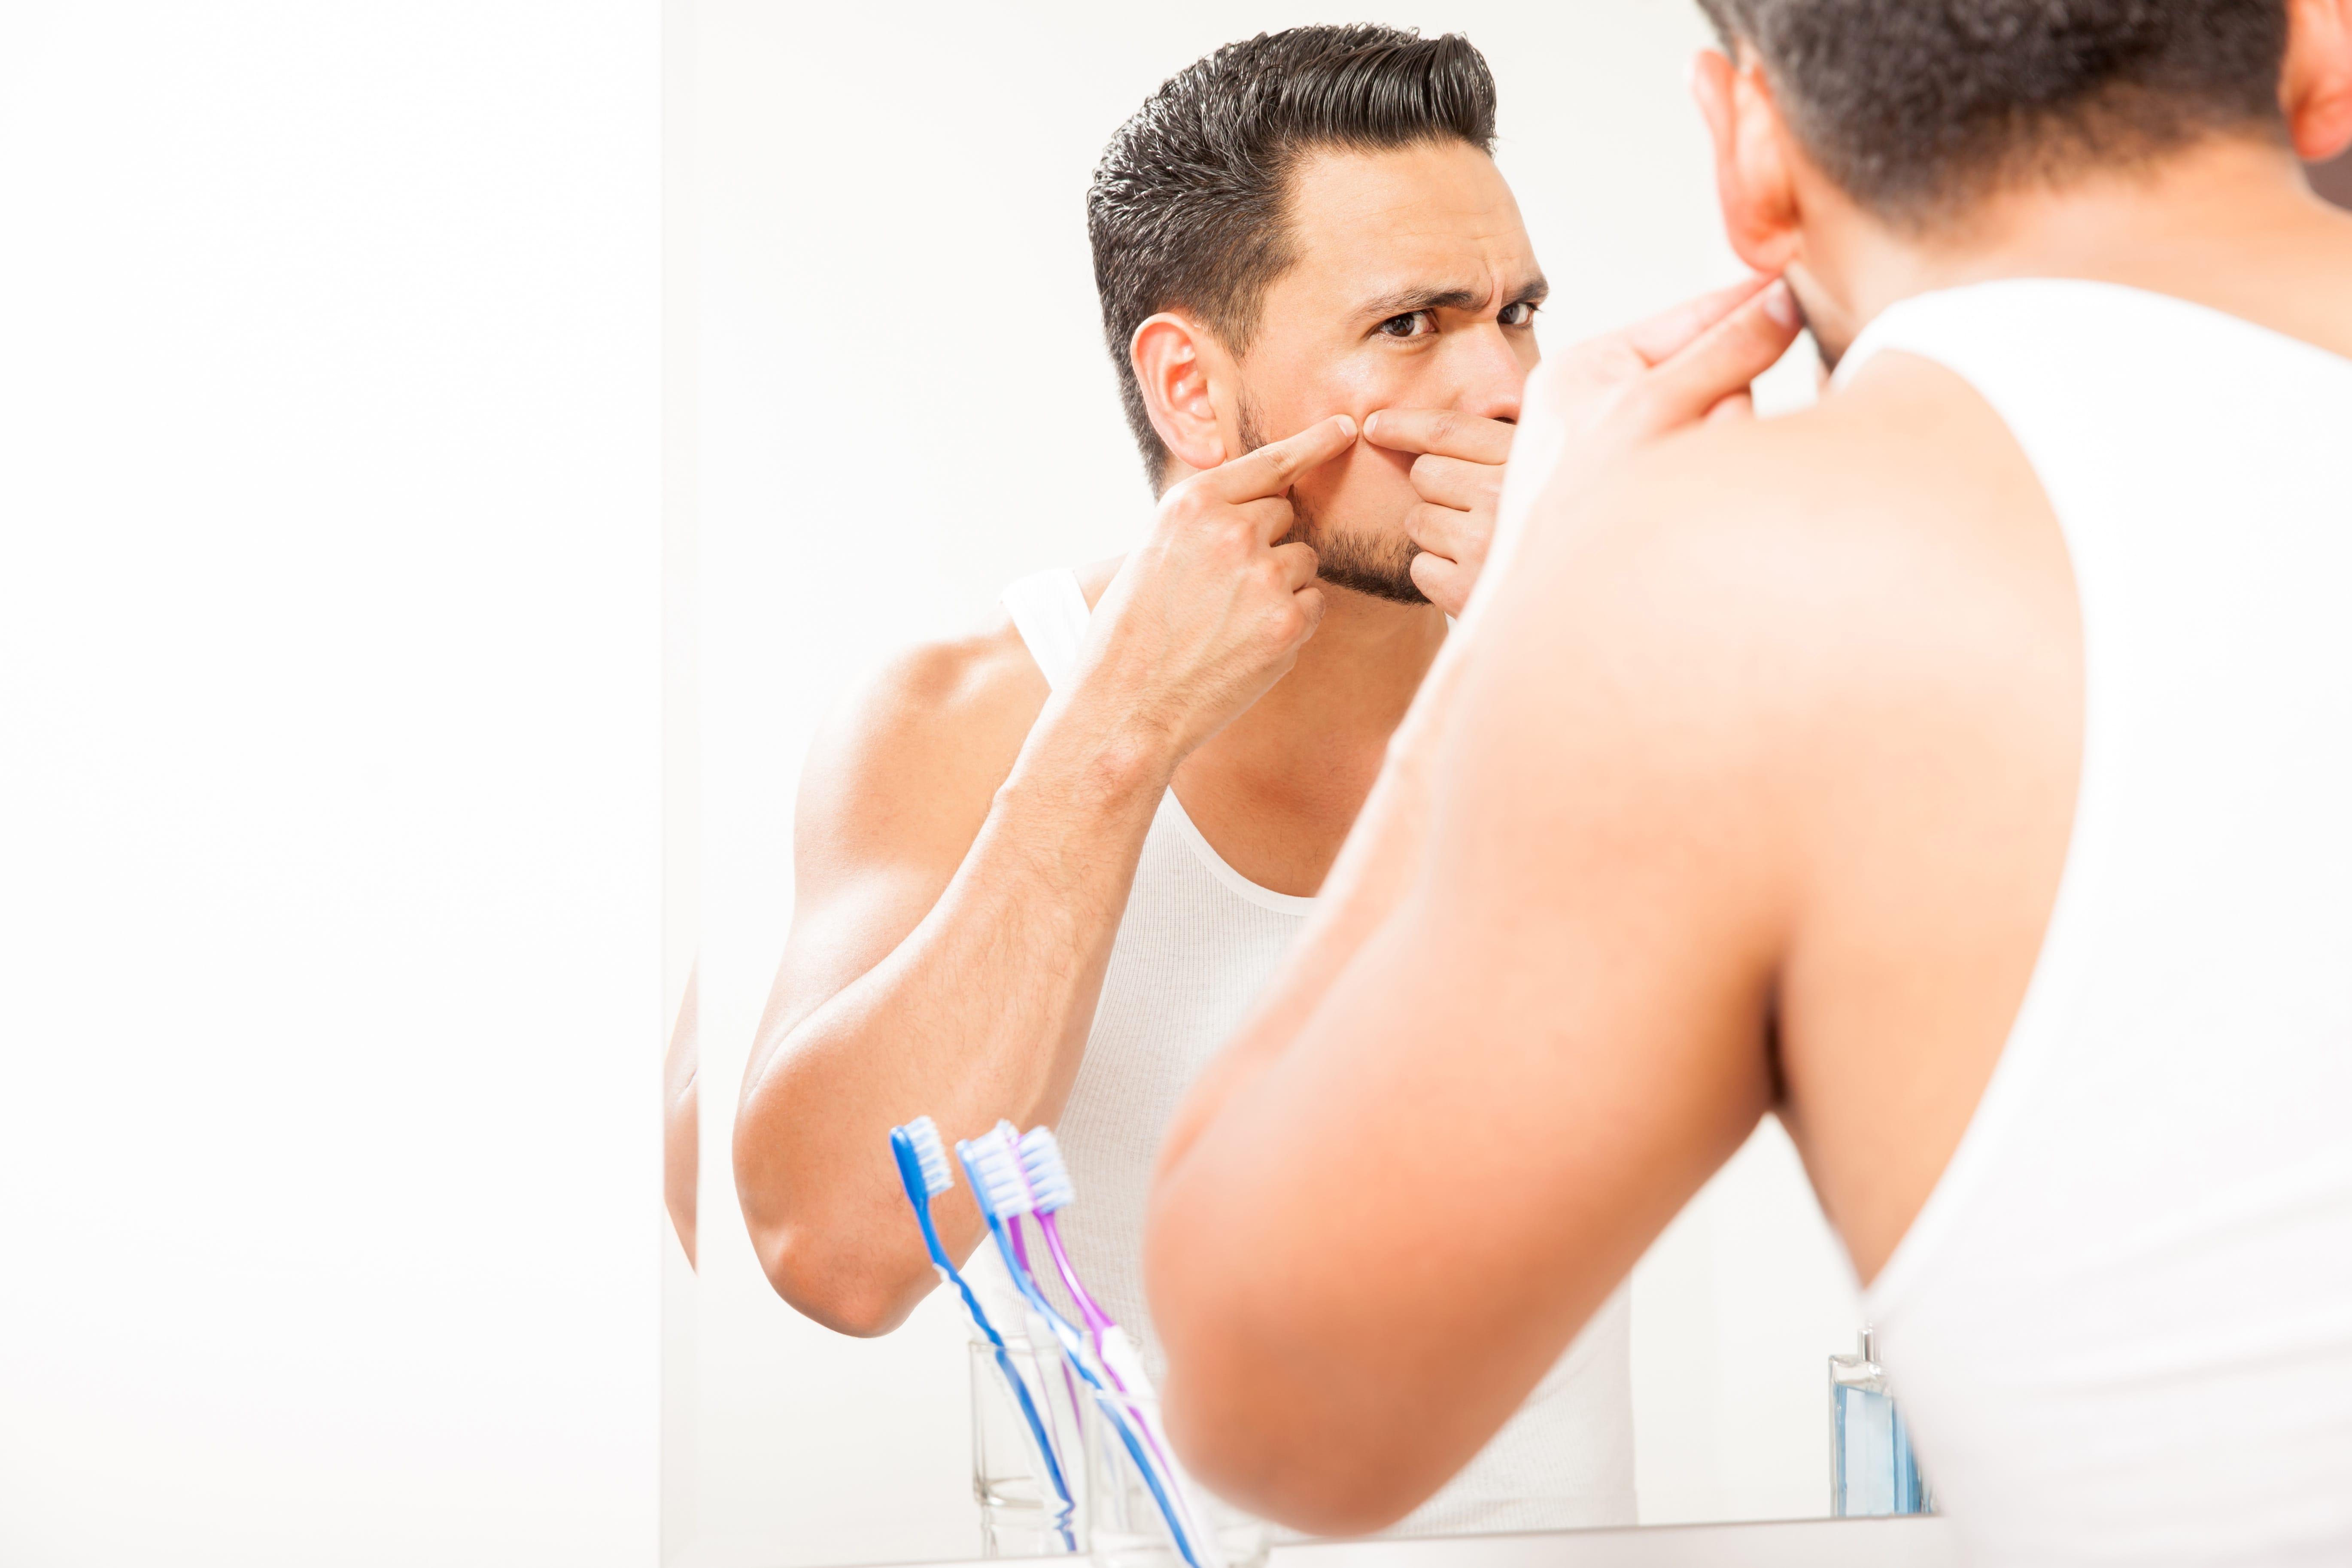 鏡でで顔を見ている男性